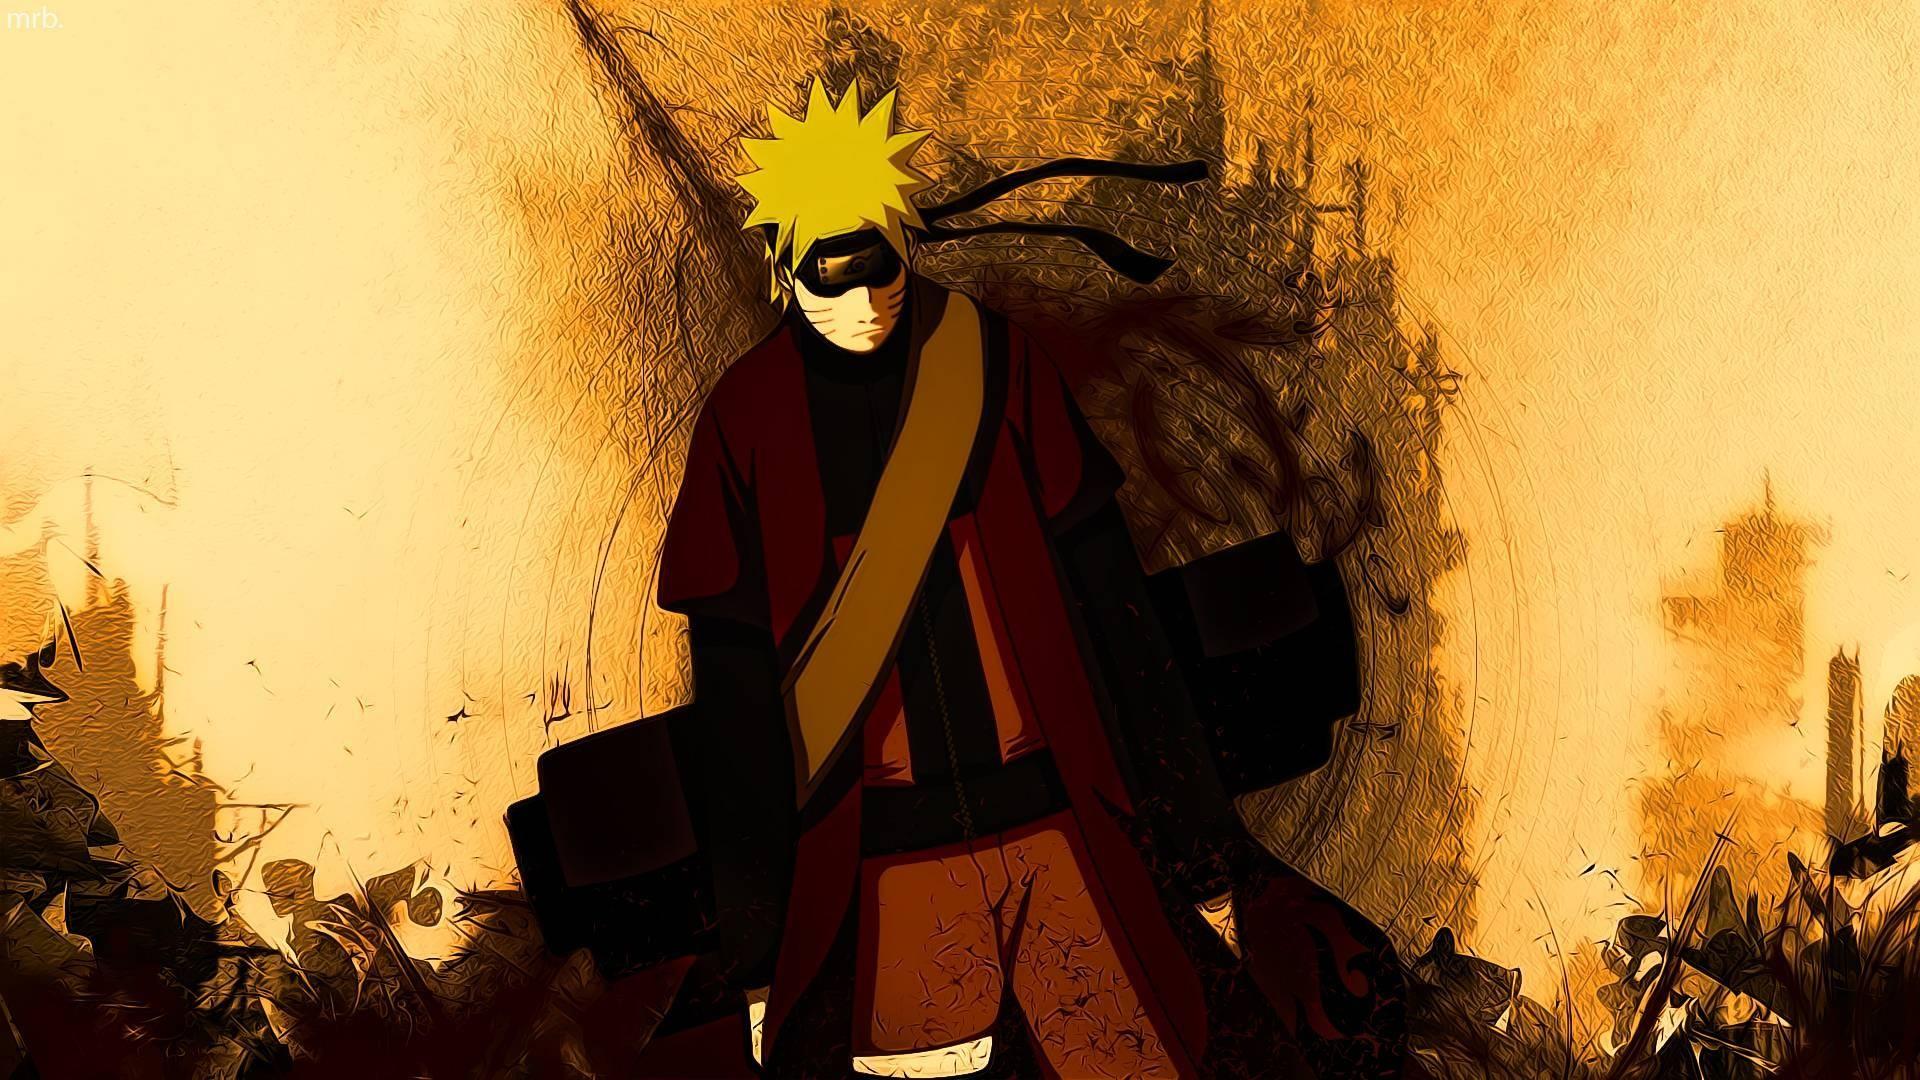 Naruto Wallpapers Hd 1080p Nagato Pain Wallpaper 61 Images